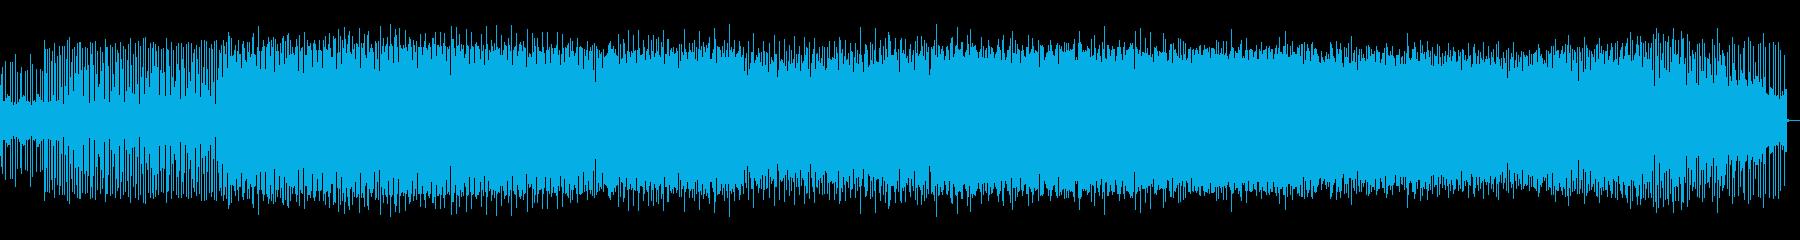 対決シーン向けのミニテクノの再生済みの波形